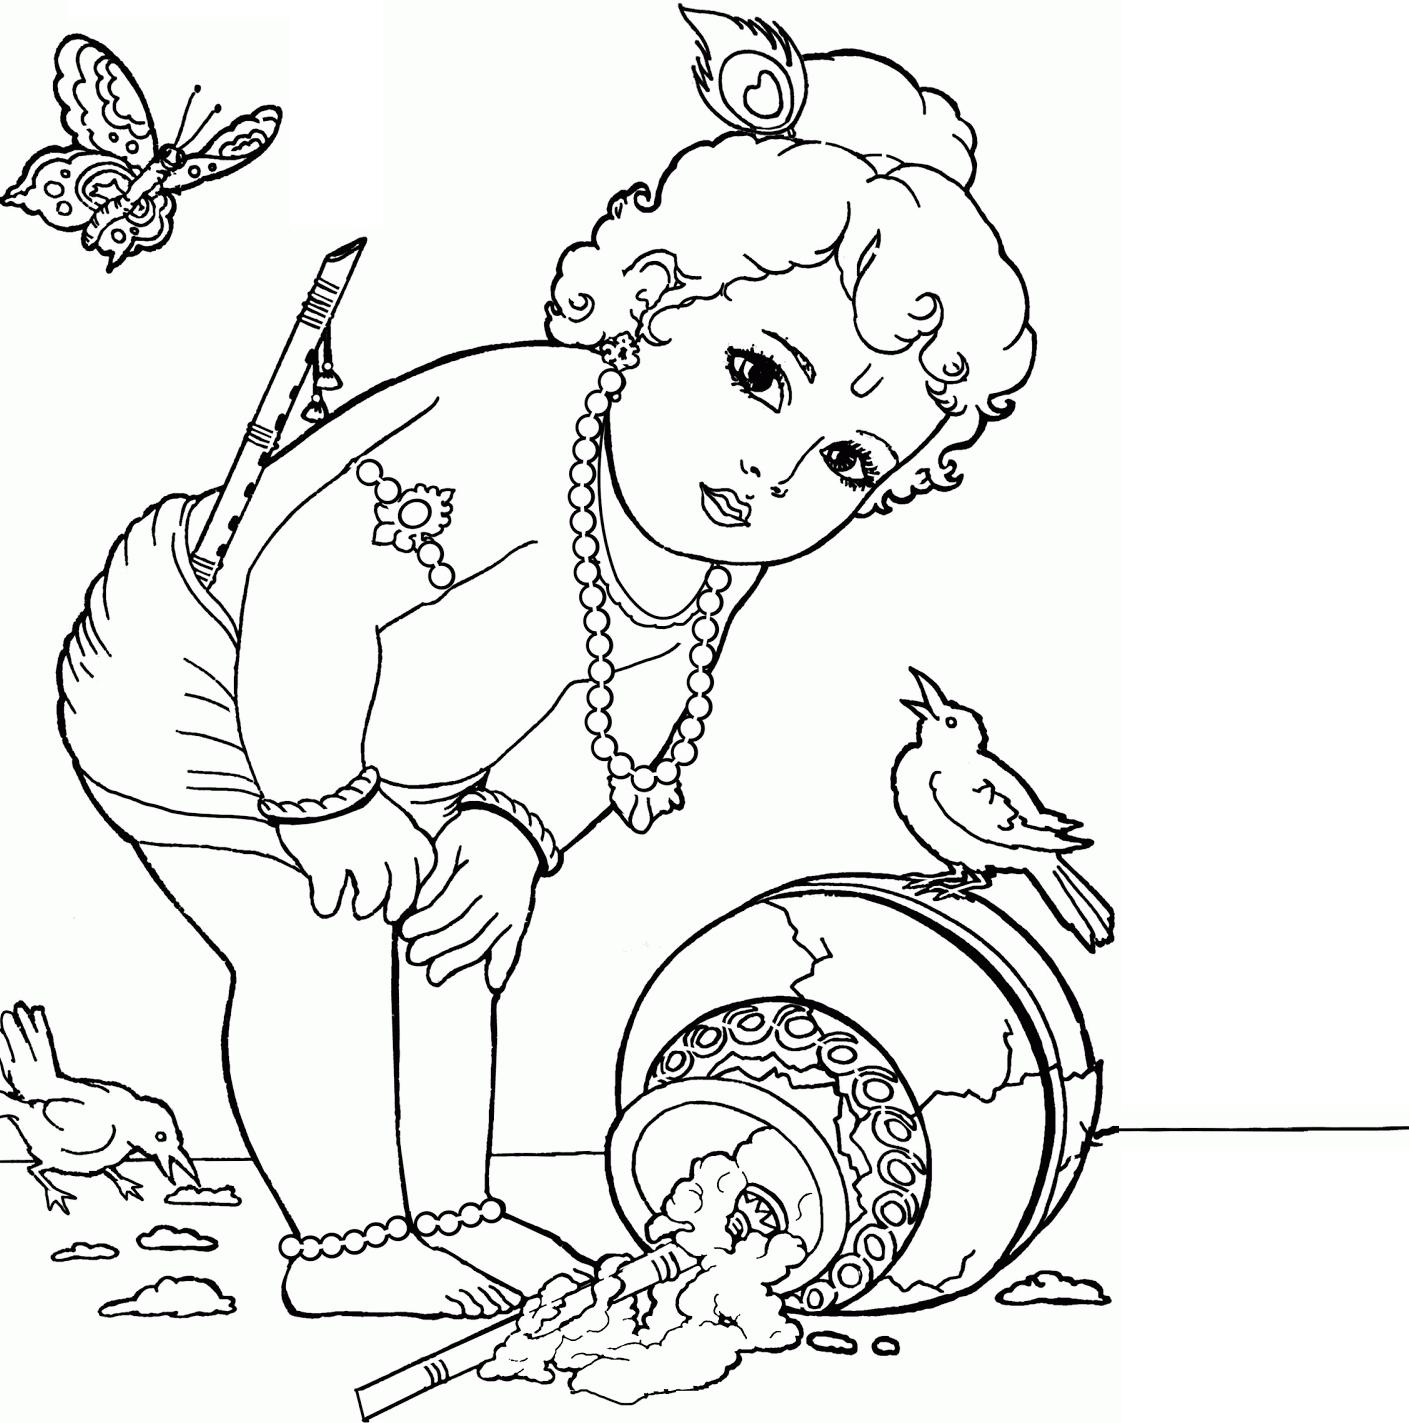 1409x1423 Little Krishna Cartoon Images To Draw Chhota Bheem And Krishna